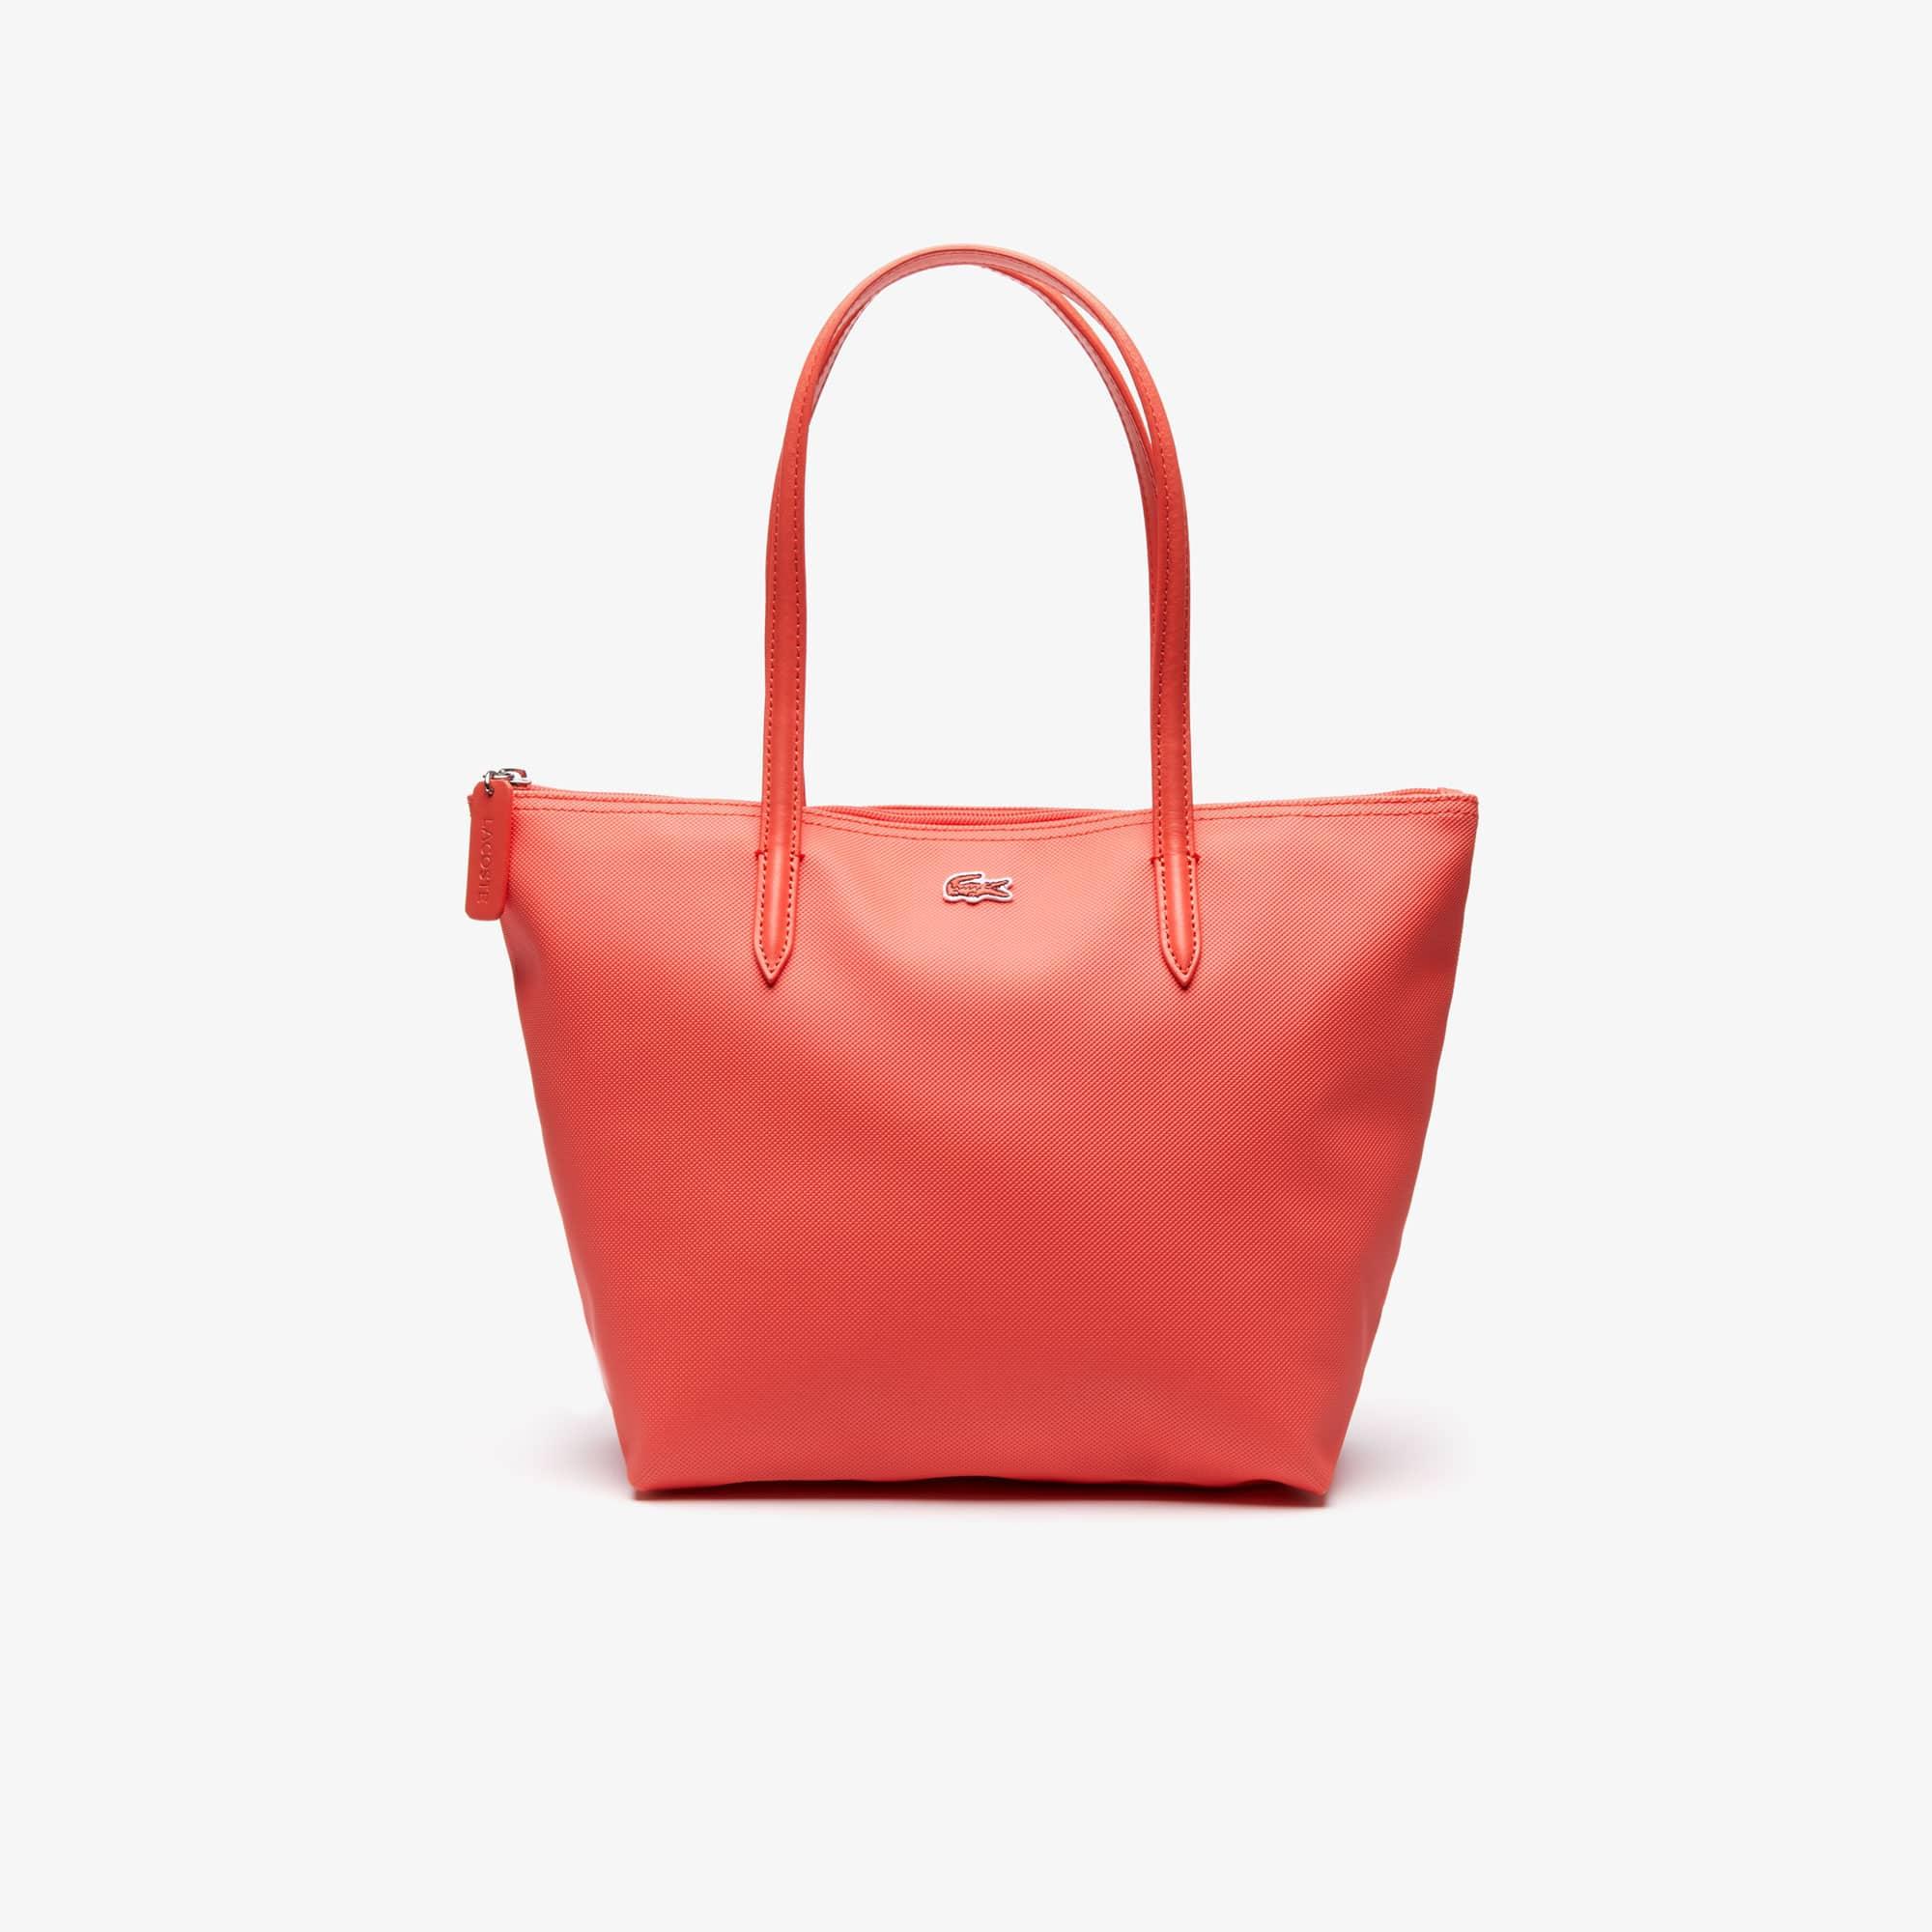 ee64777402 Sacs à main cuir, sacs cabas | Maroquinerie femme | LACOSTE